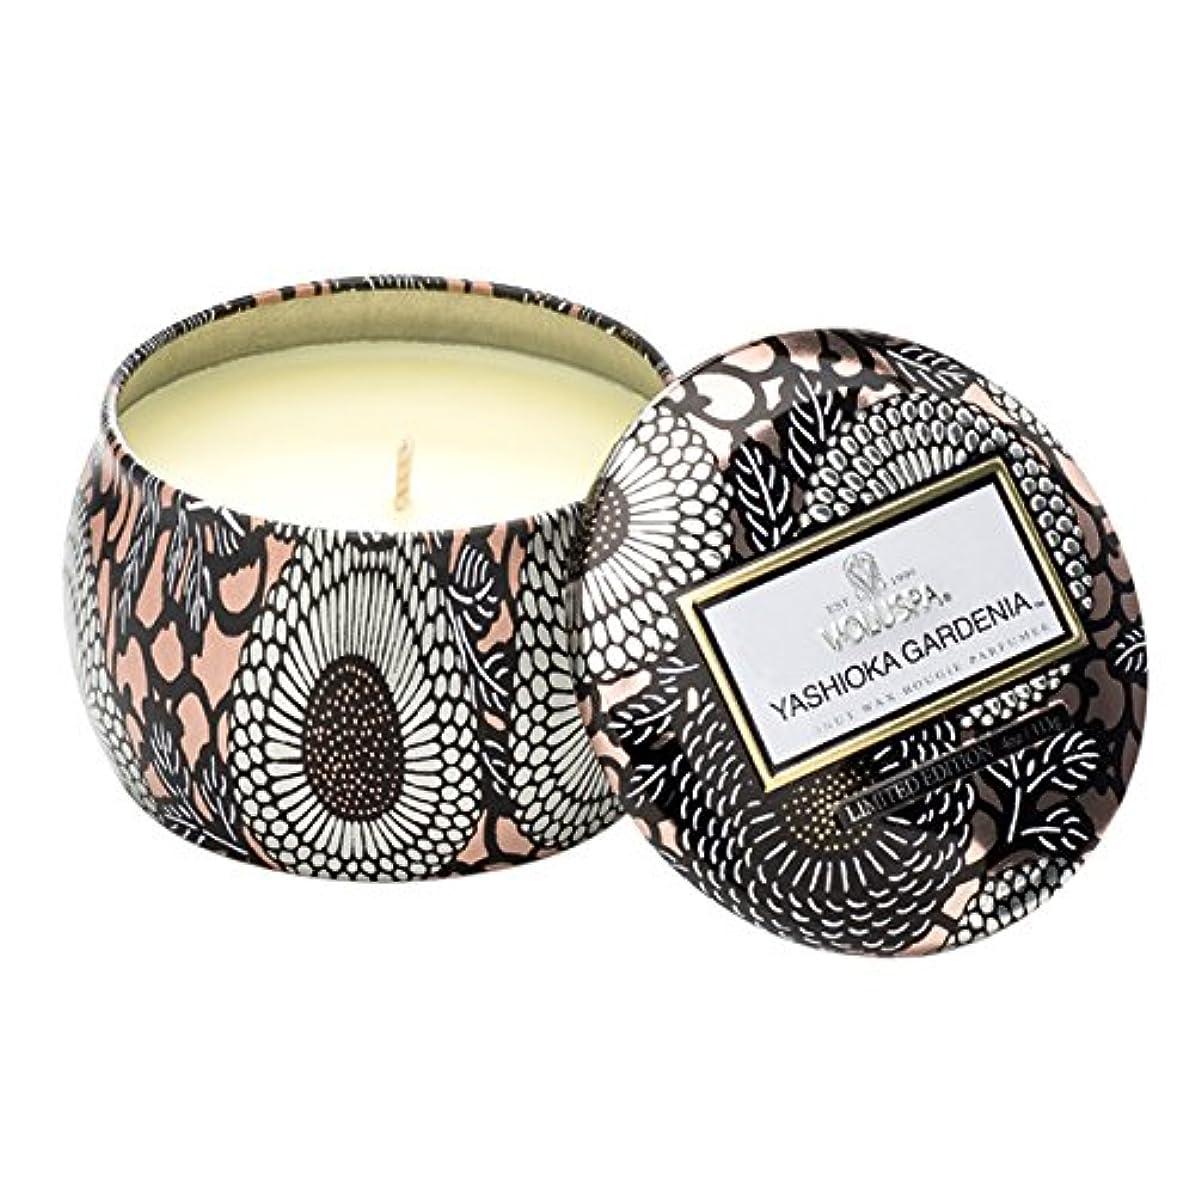 熱心な長々と根拠Voluspa ボルスパ ジャポニカ リミテッド ティンキャンドル  S ヤシオカガーデニア YASHIOKA GARDENIA JAPONICA Limited PETITE Tin Glass Candle